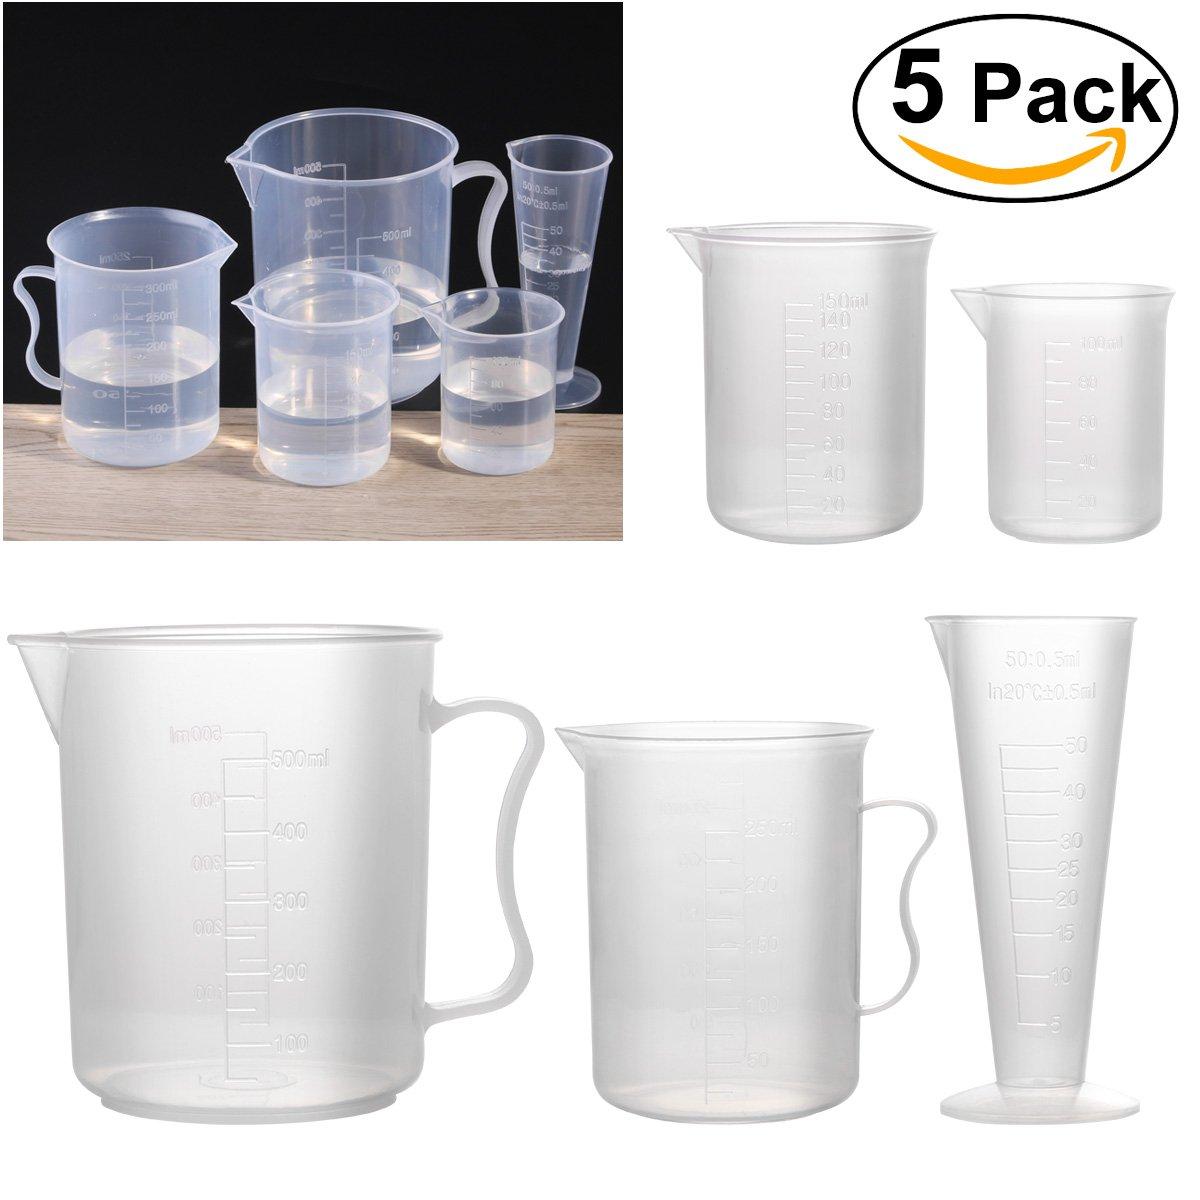 UEETEK Plastic Measuring Cup Beaker Labs Graduated Beakers 50ml 100ml 150ml 250ml 500ml, Set of 5